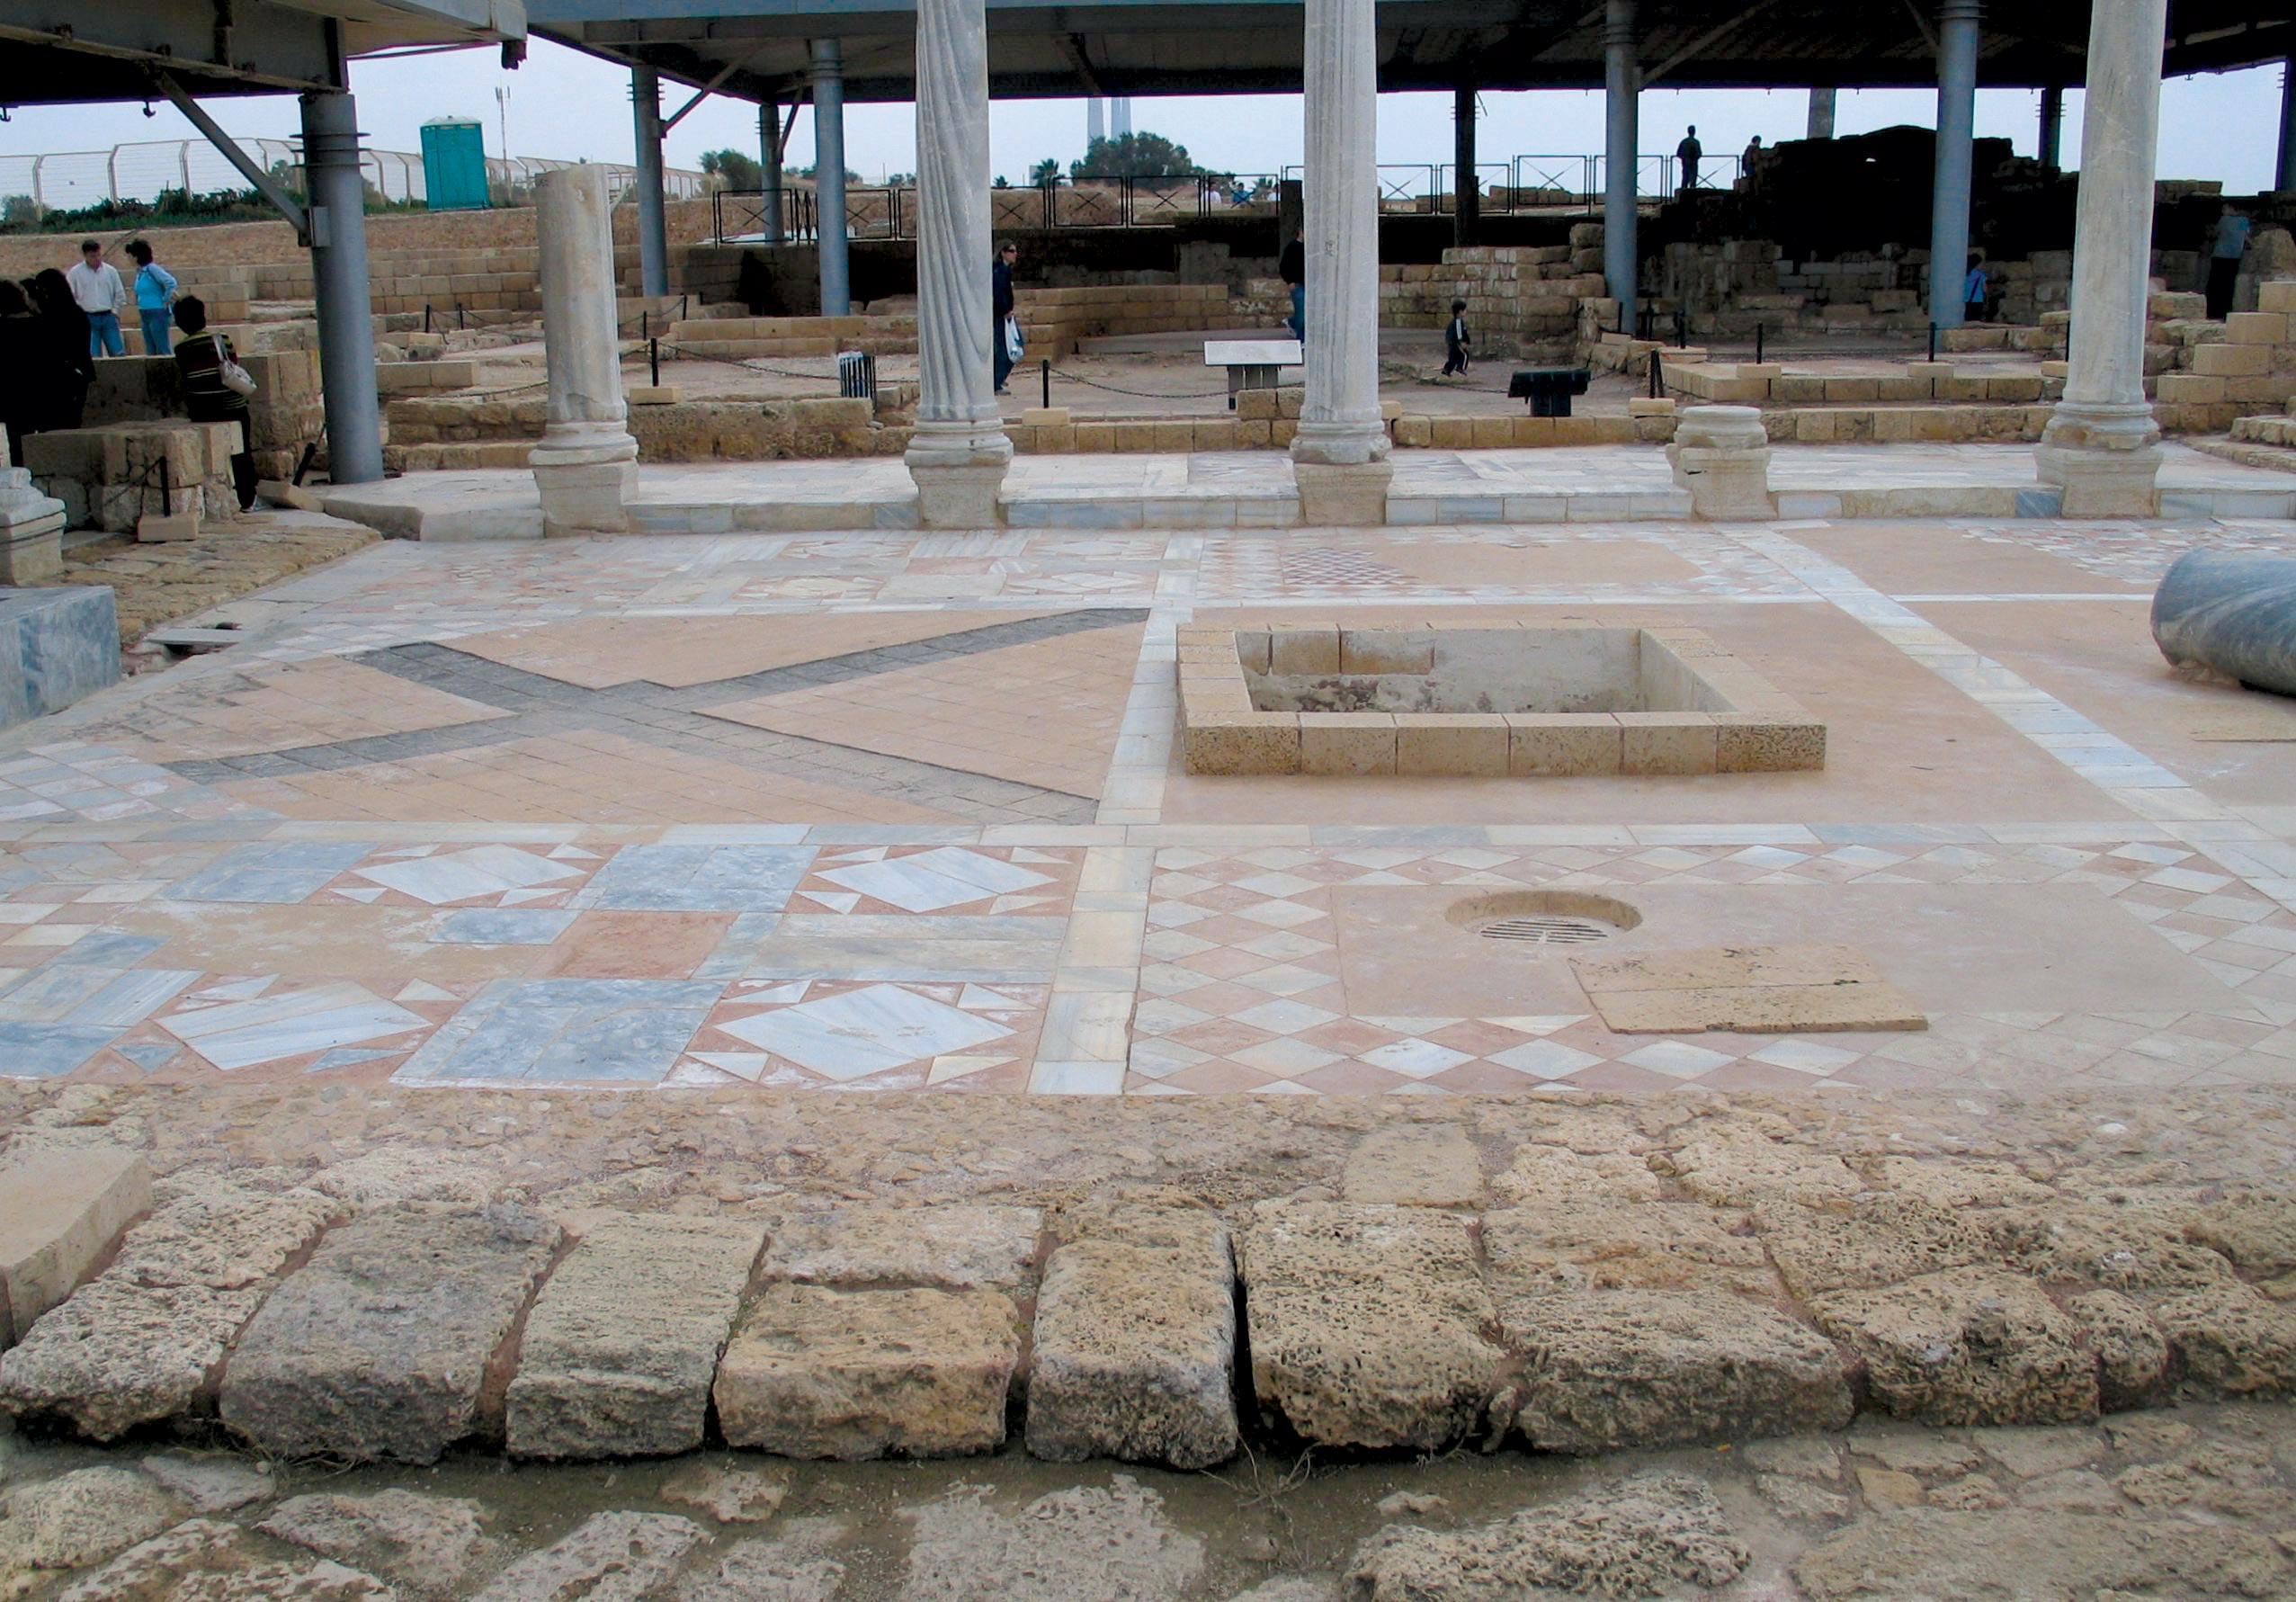 ריצוף בשיטת אופוס סקטילה ששוחזר באחד המבנים מהתקופה הרומית המאוחרת בקיסריה